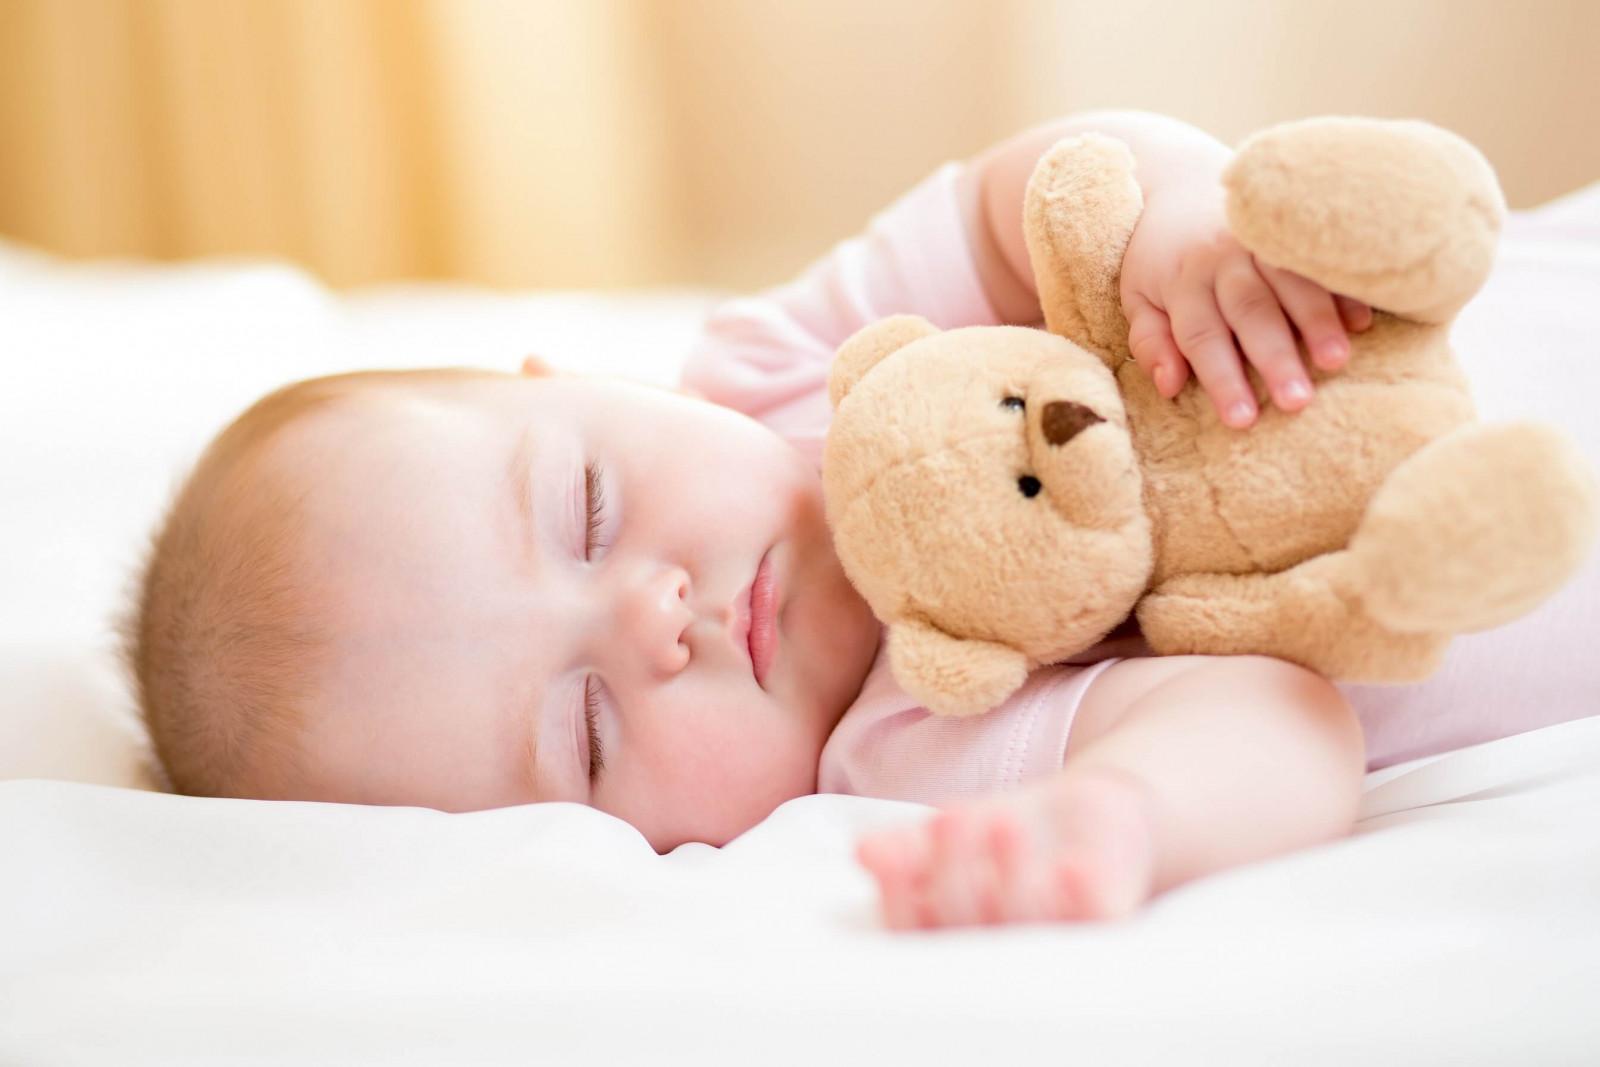 Сон грудничка: як уникнути проблем із засипанням